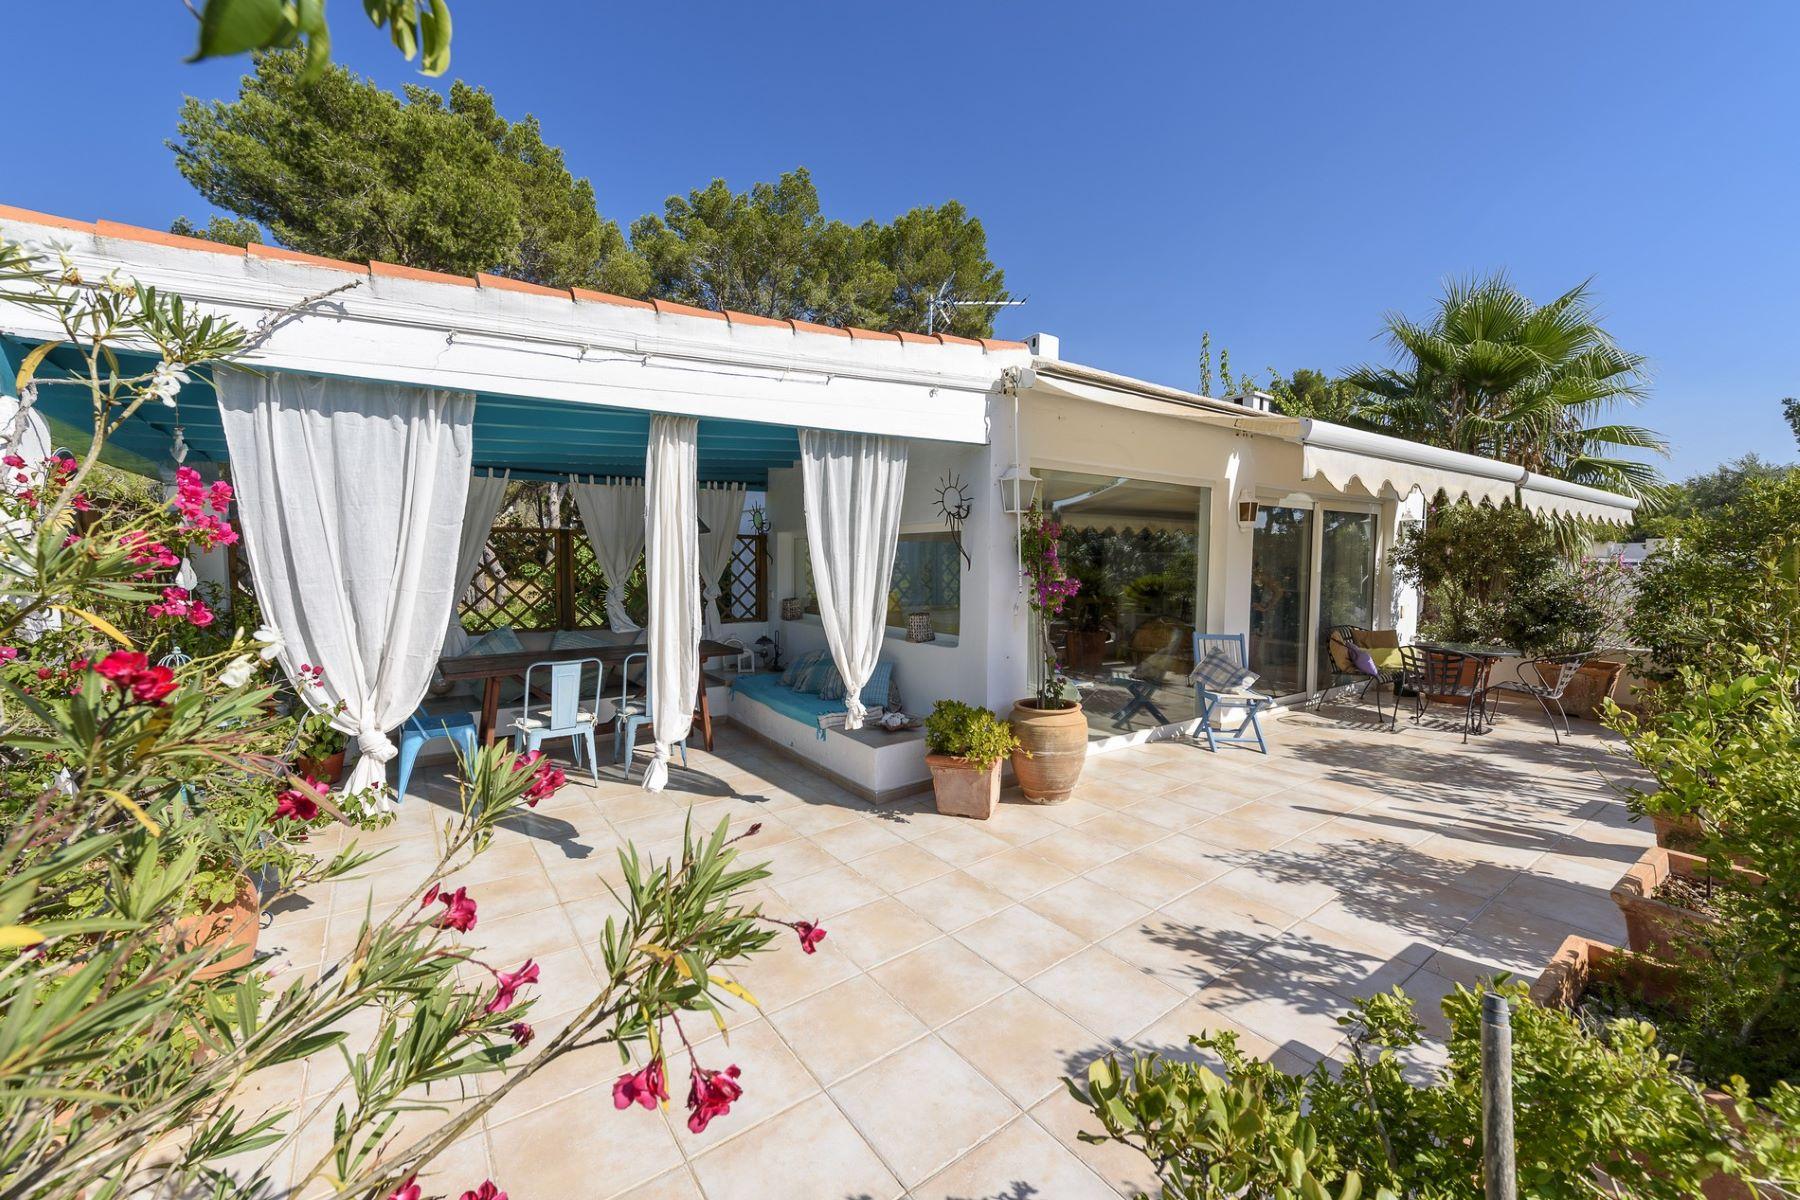 شقة للـ Sale في Property located just a few minutes from Ibiza's c Ibiza, Balearic Islands, 07800 Spain